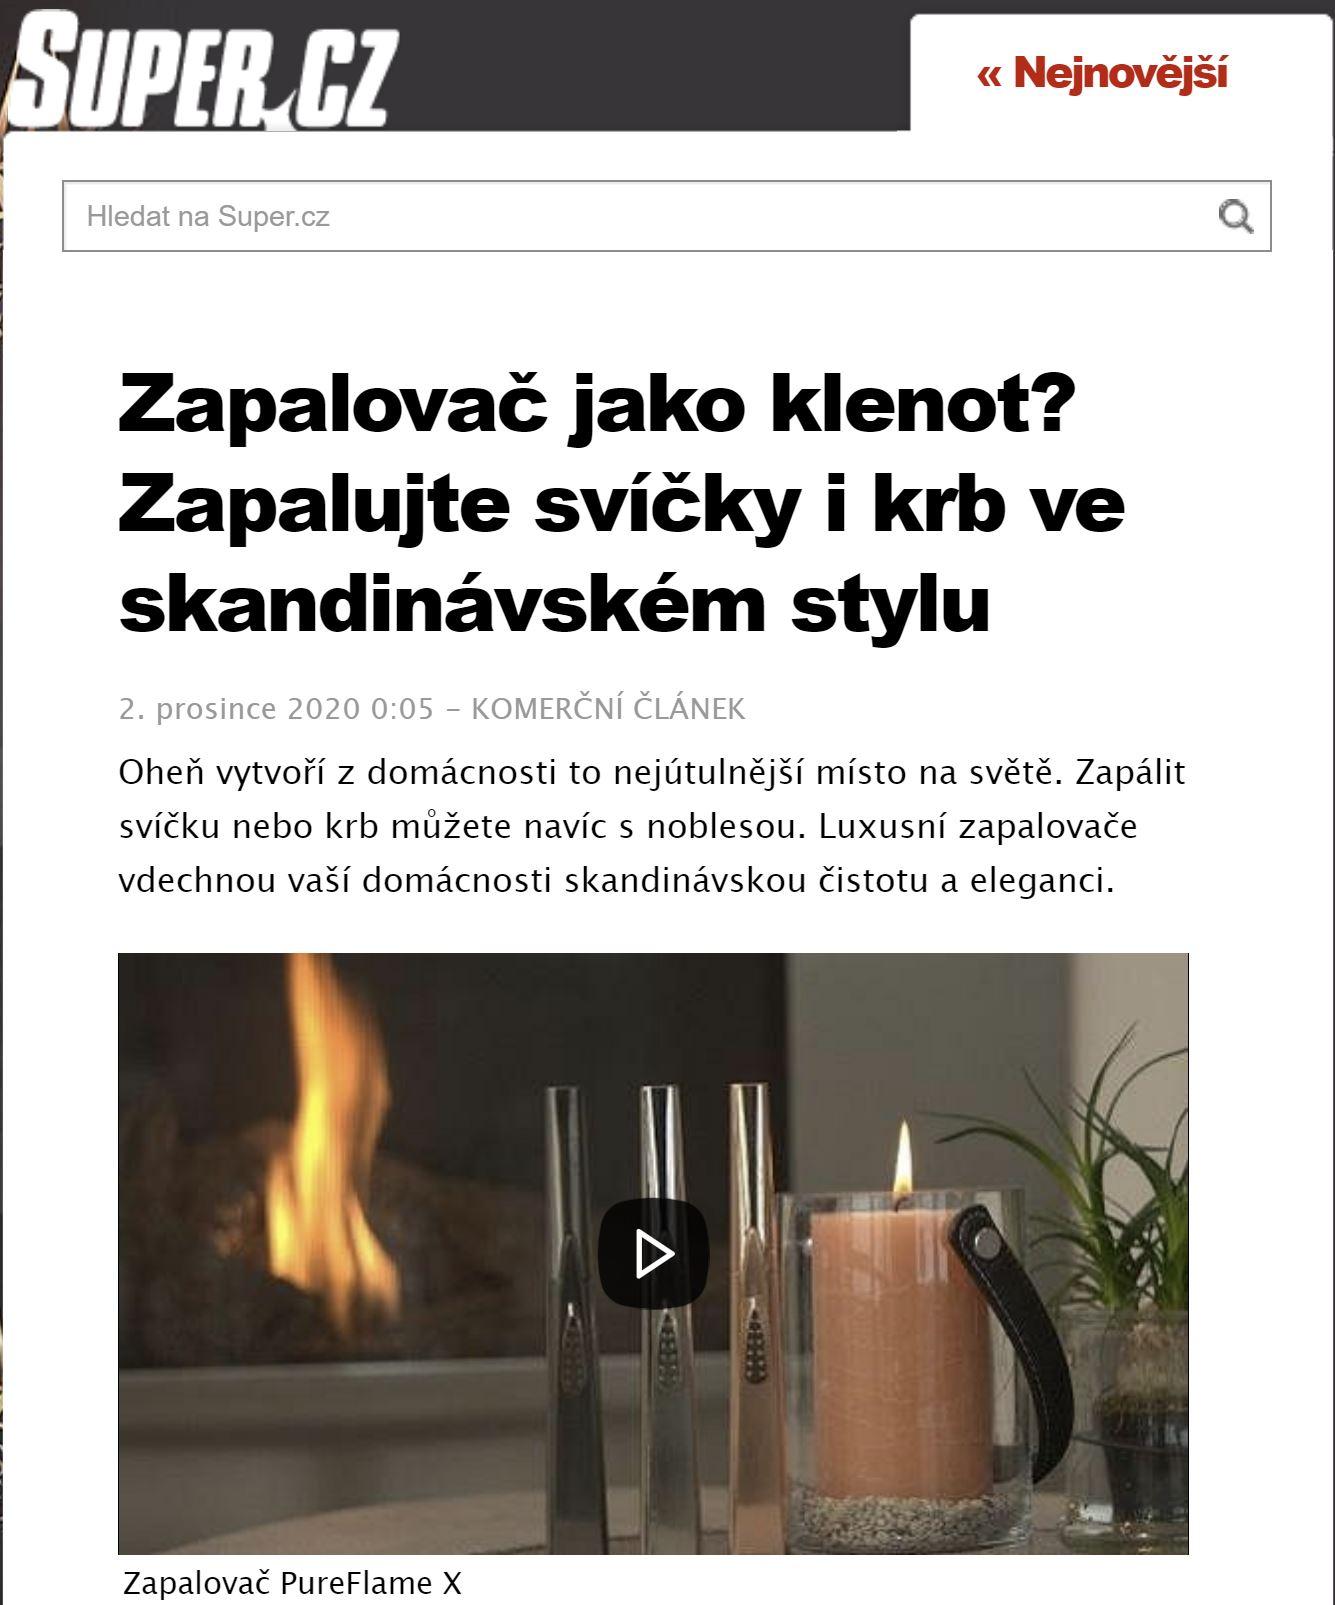 SUPER.CZ - Zapalovač jako klenot? Zapalujte svíčky i krb ve skandinávském stylu